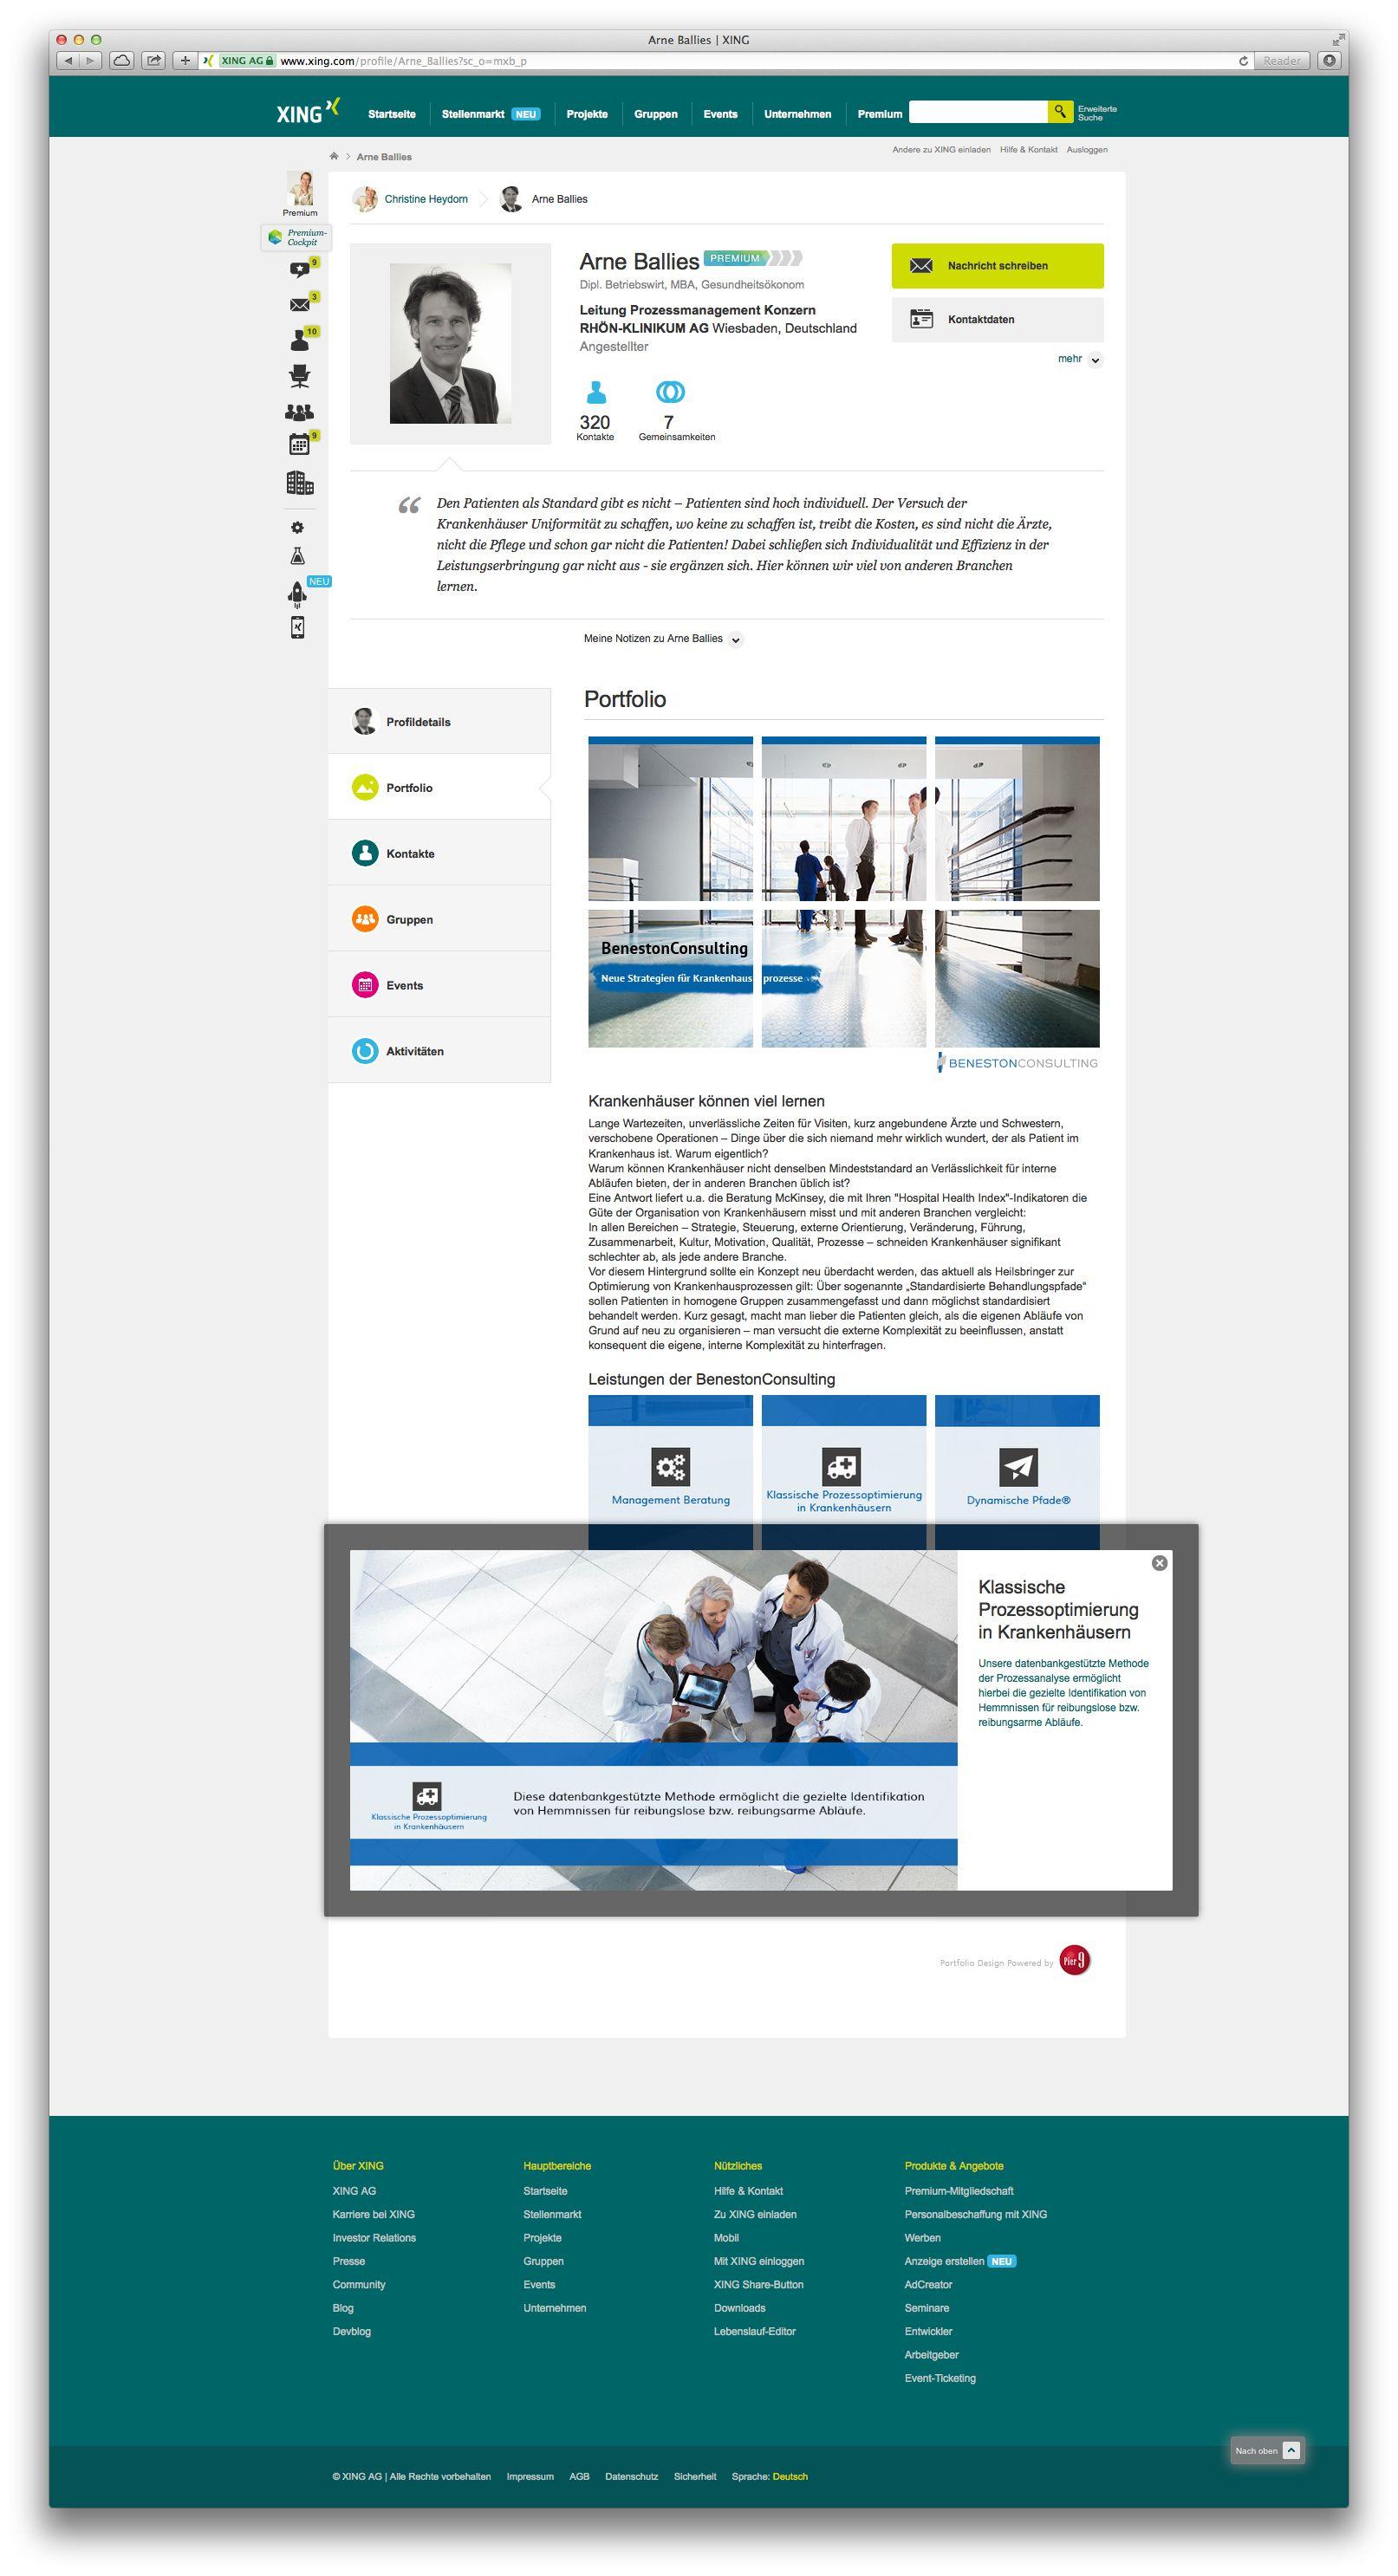 Xing Portfolio Des Geschaftsfuhrers Der Benestonconsulting Arne Ballies Ansicht Des Zoomfensters Klassische Prozessoptim Grafik Design Werbetechnik Konzeption